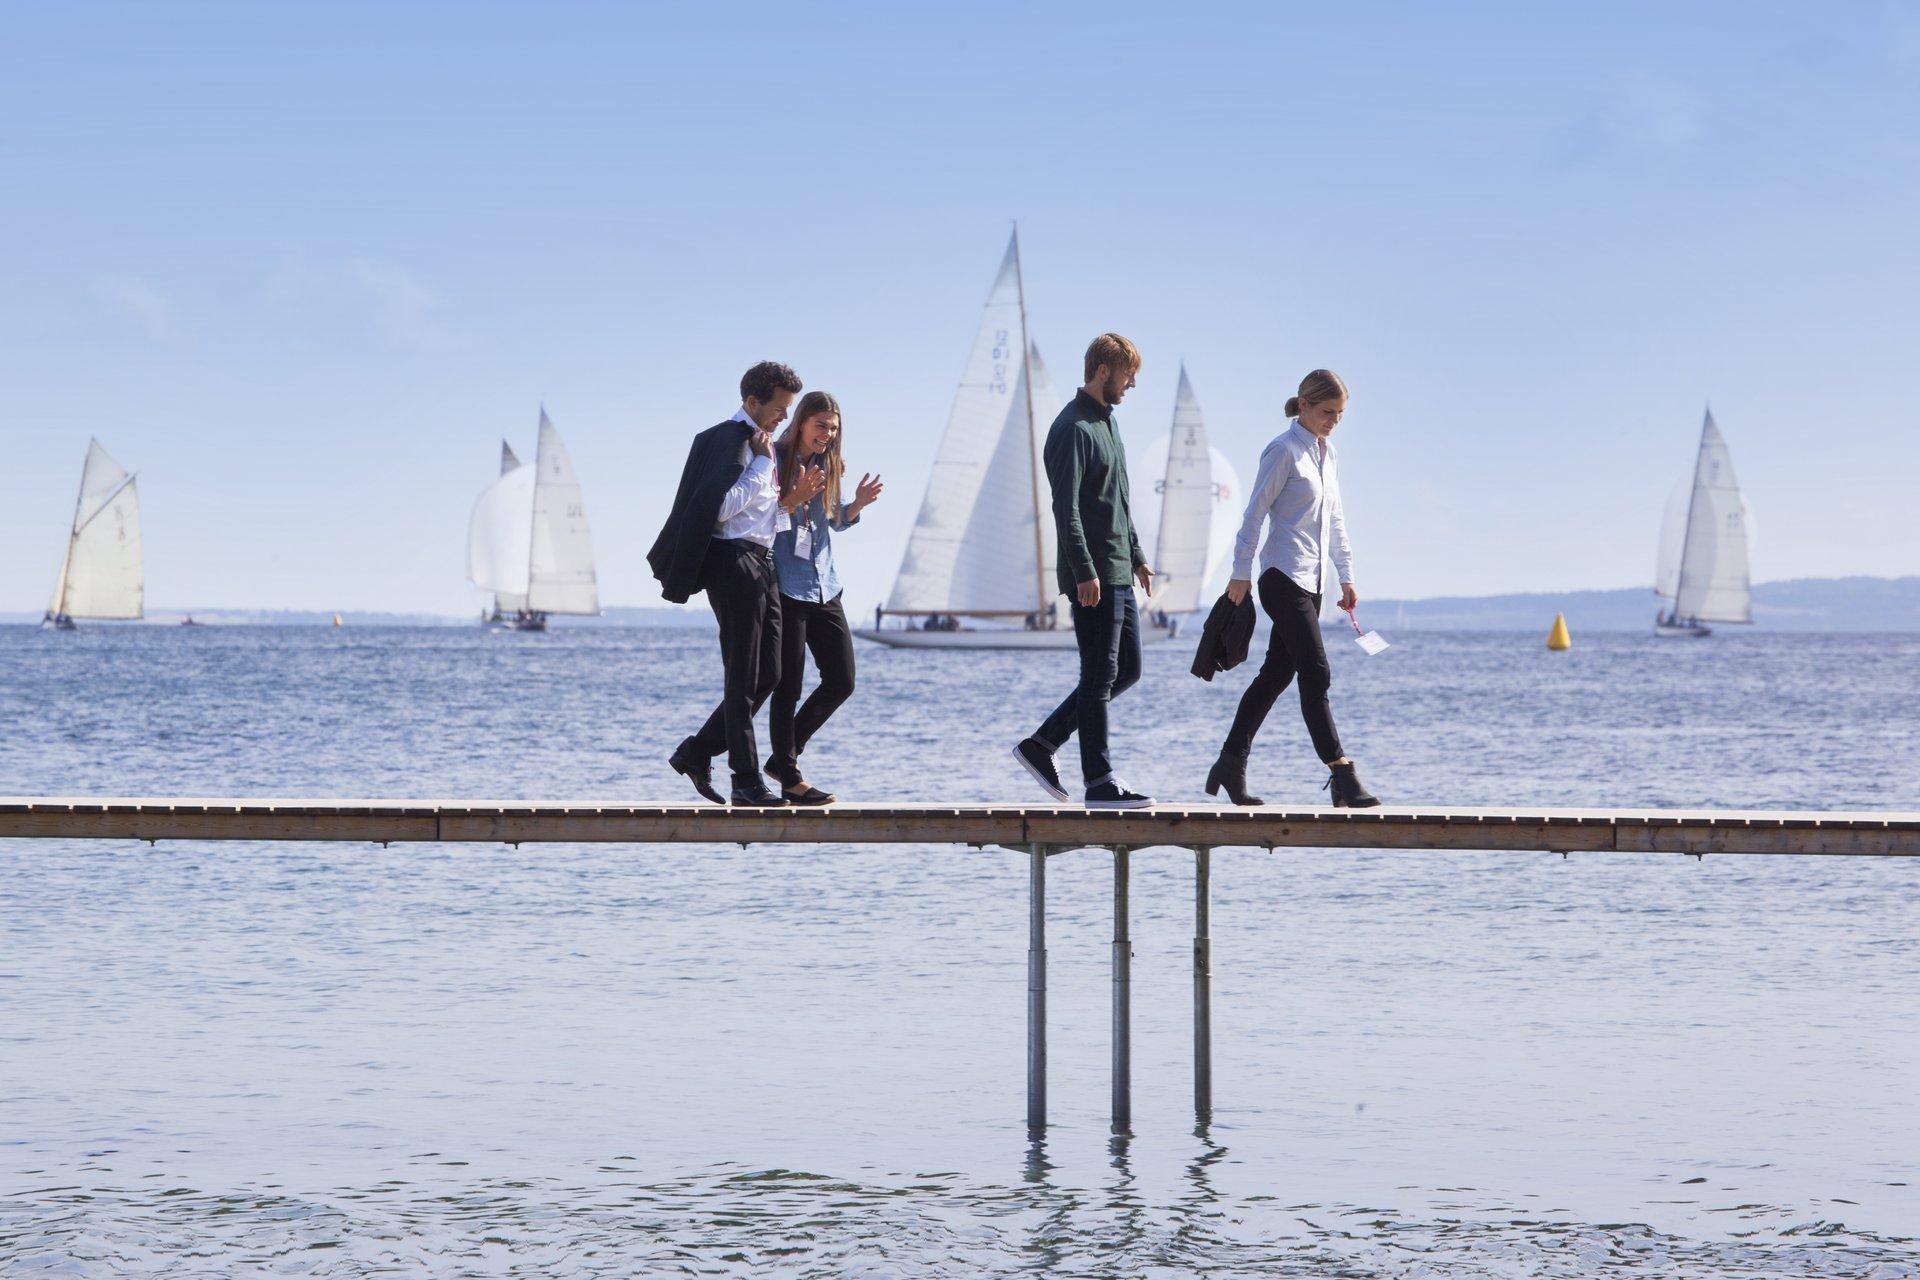 Der var sidste år 44,6 millioner målbare kommercielle turismeovernatninger i Danmark. Det var over 11 millioner færre sammenlignet med 2019. Arkivpressefoto fra VisitDenmark: Kim Wyon.